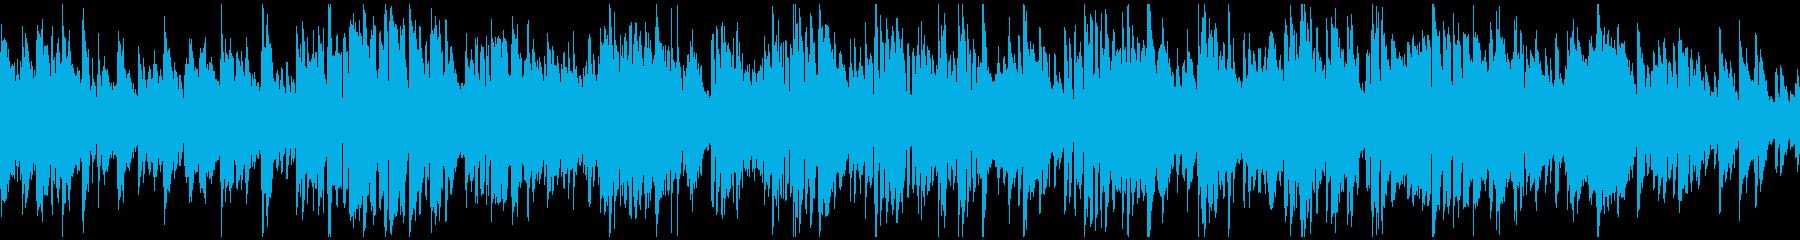 爽やかボサノバ、素敵なサックス※ループ版の再生済みの波形